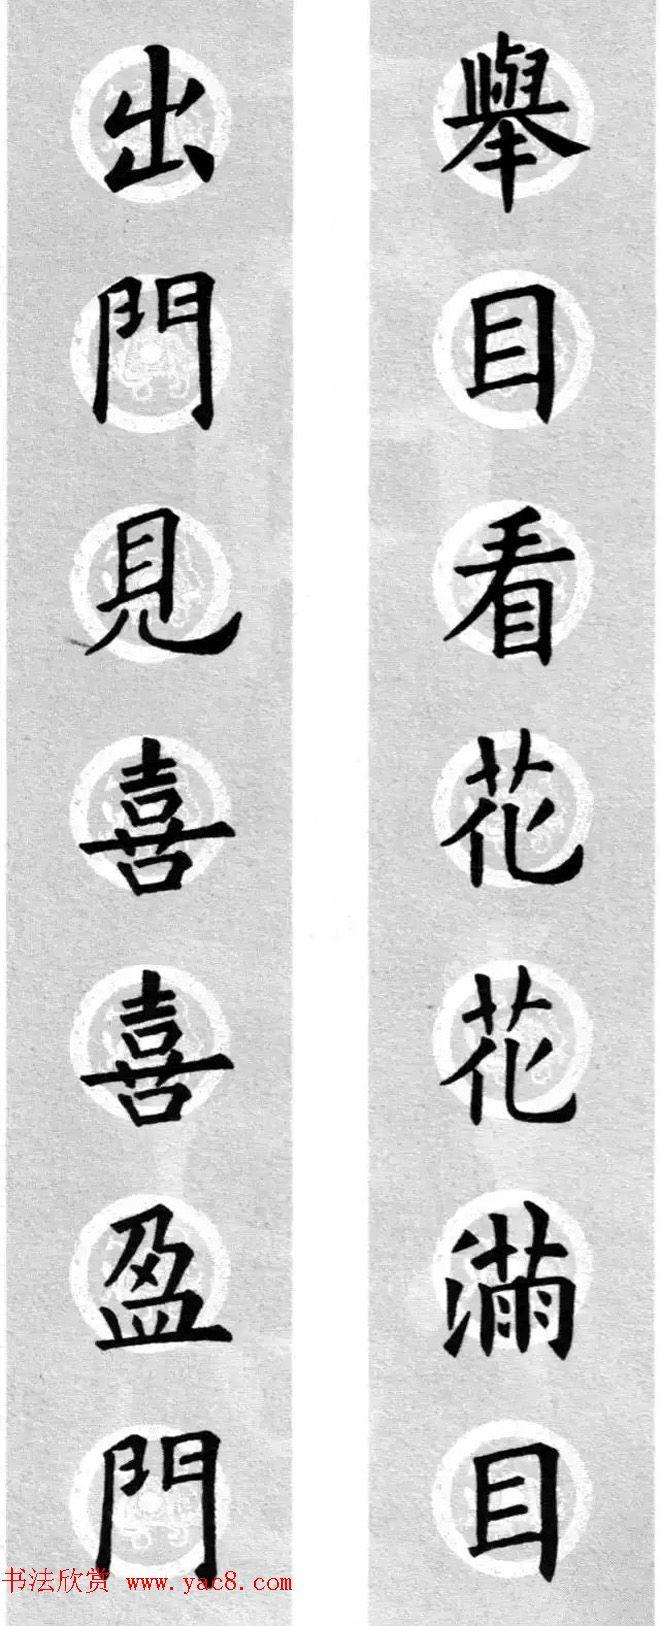 集字书法春联 欧阳询楷书七言对联合辑 第16页 书法专题 书法欣赏